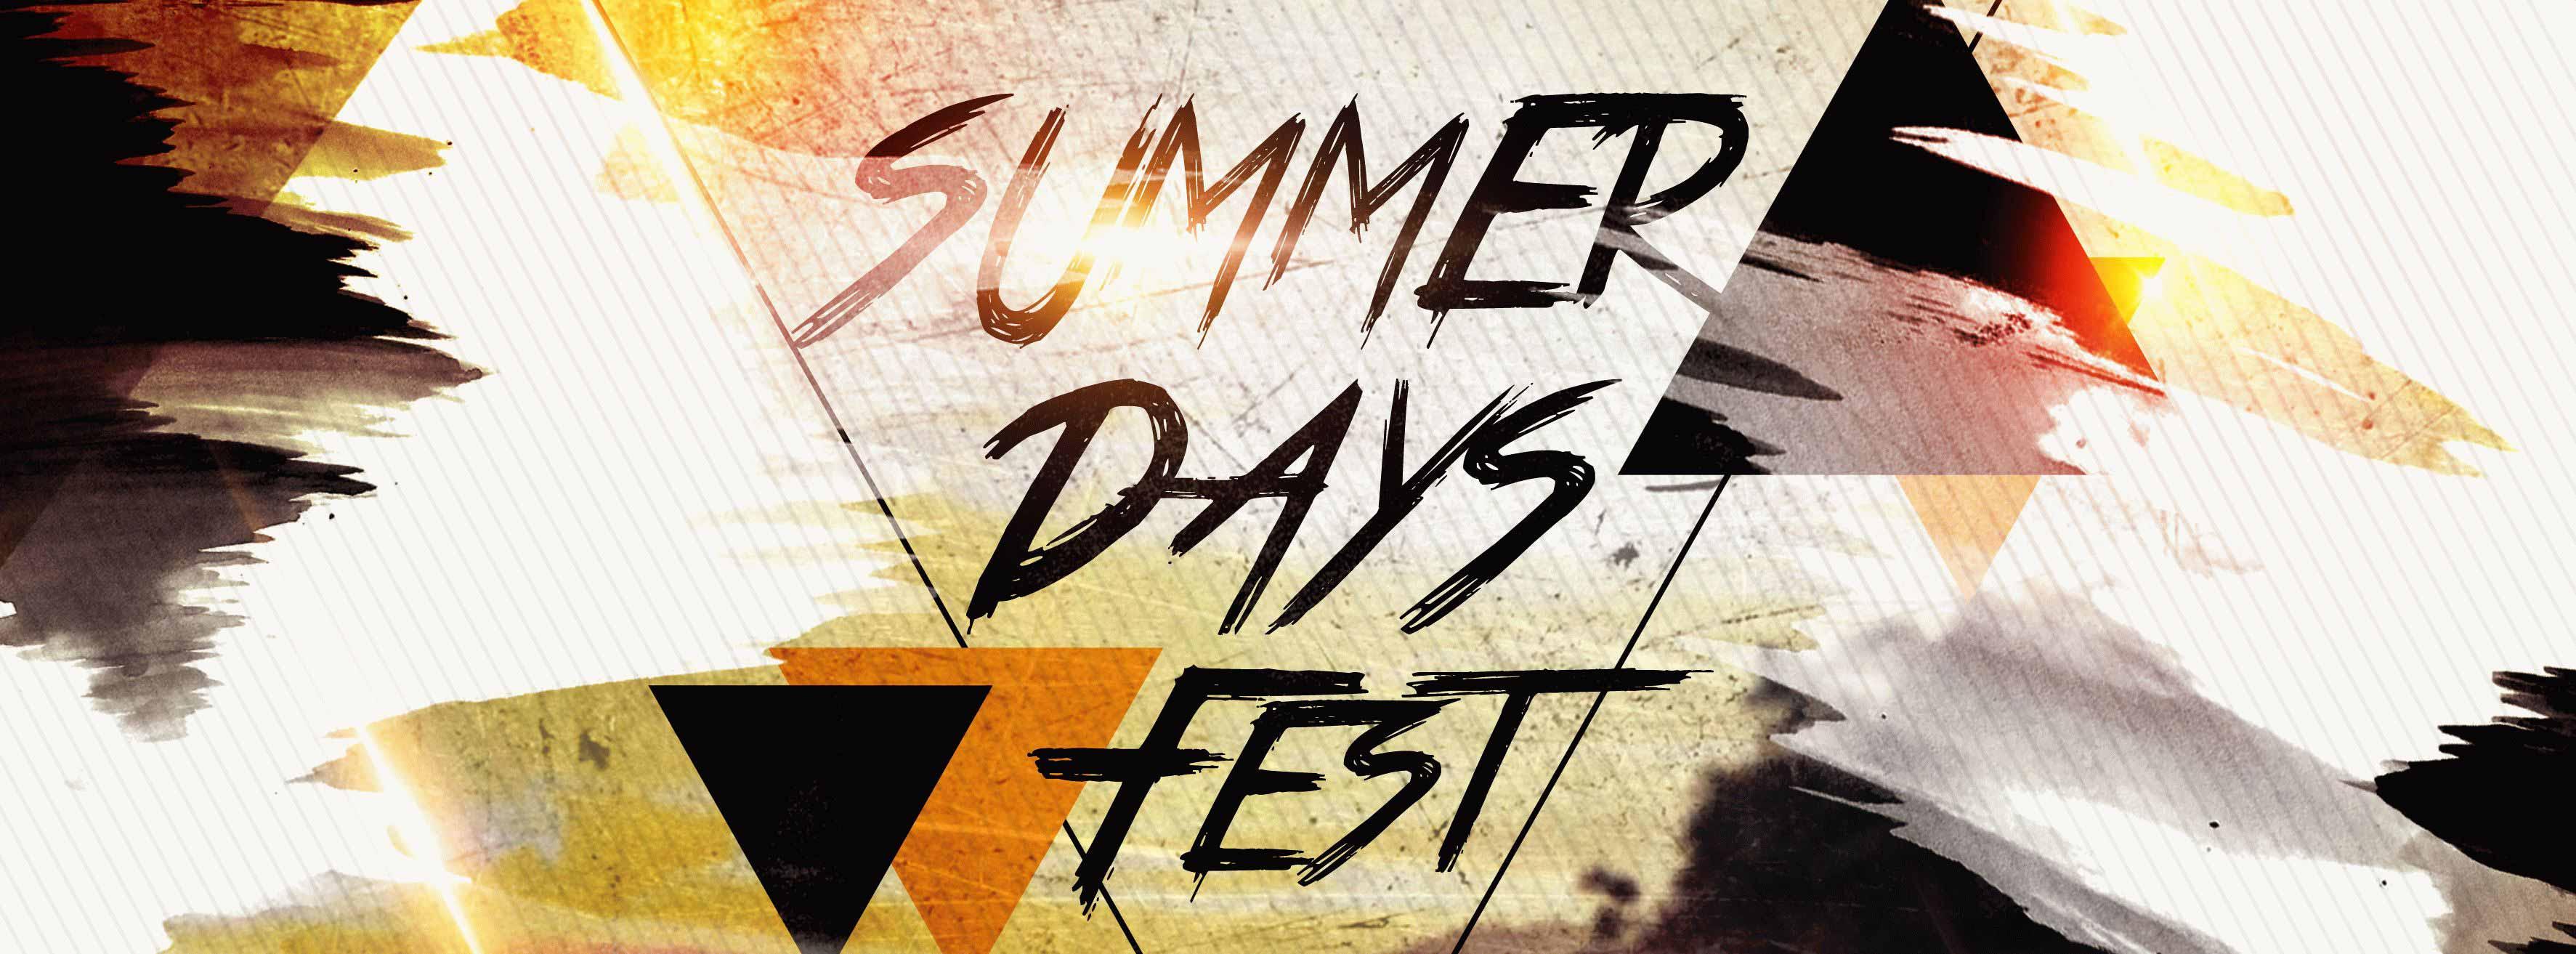 Summer Days Fest PSD Flyer Template